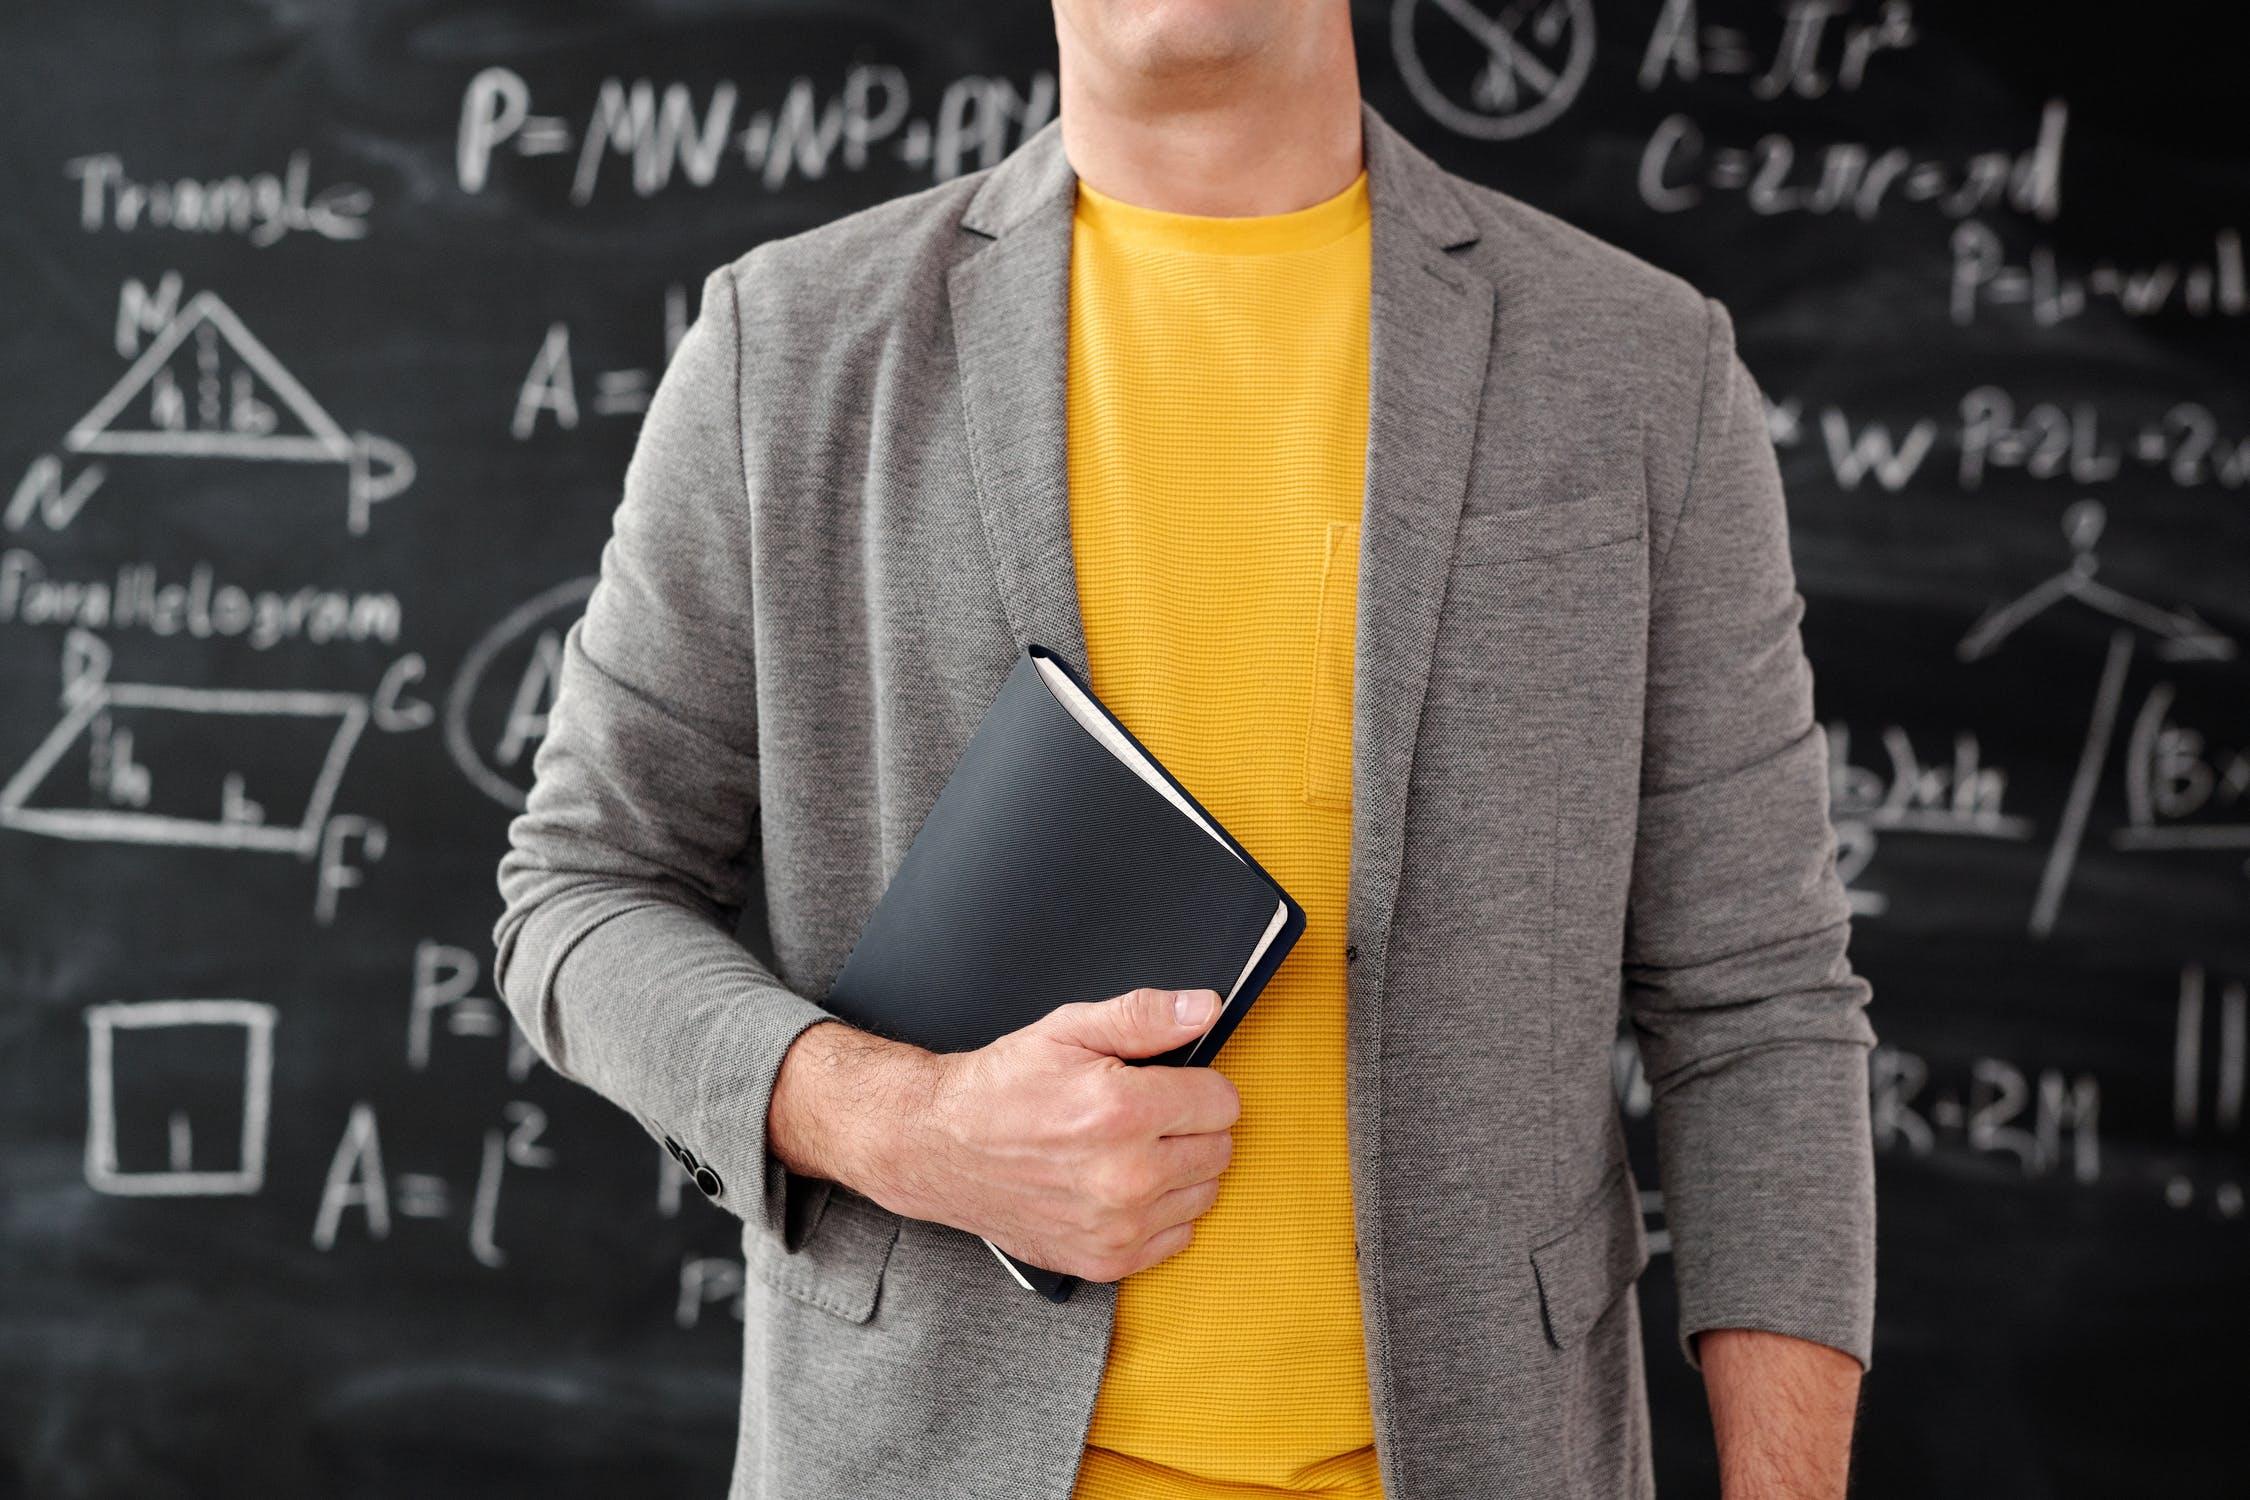 учитель педагог доска школа